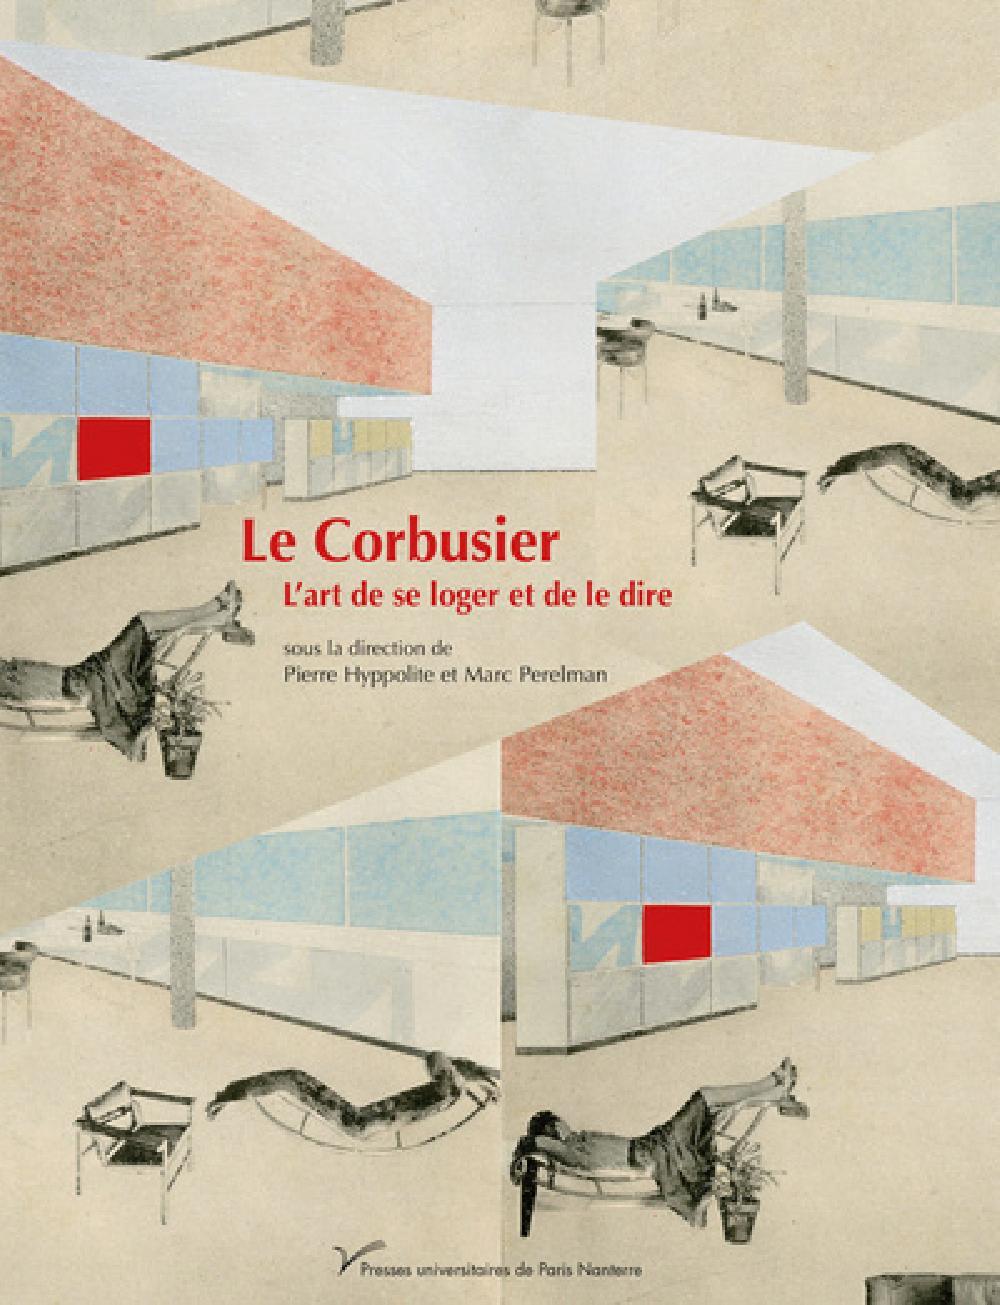 Le Corbusier - L'art de se loger et de le dire